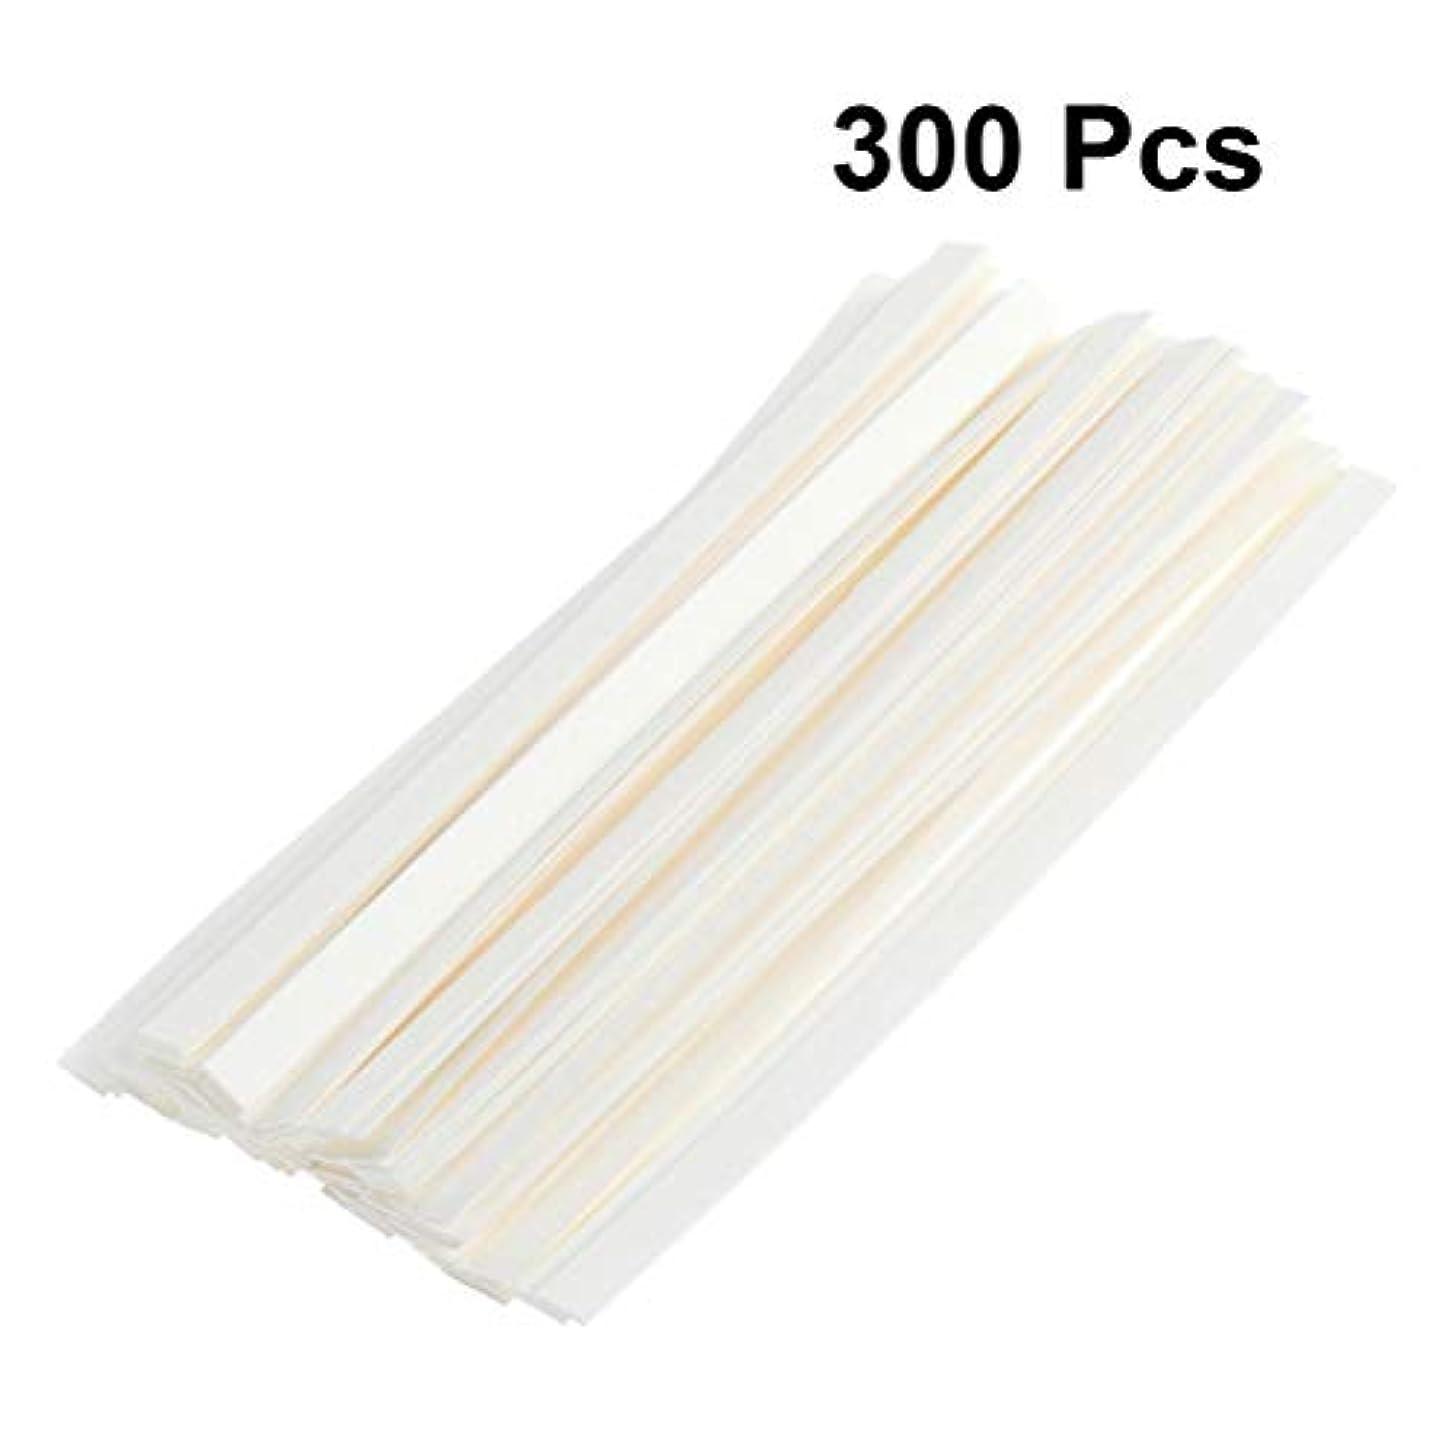 ランプ結び目ビーチSUPVOX 300ピース 香水ストリップ フレグランス エッセンシャルオイル テストストリップ 香水 試験紙 ストリップ